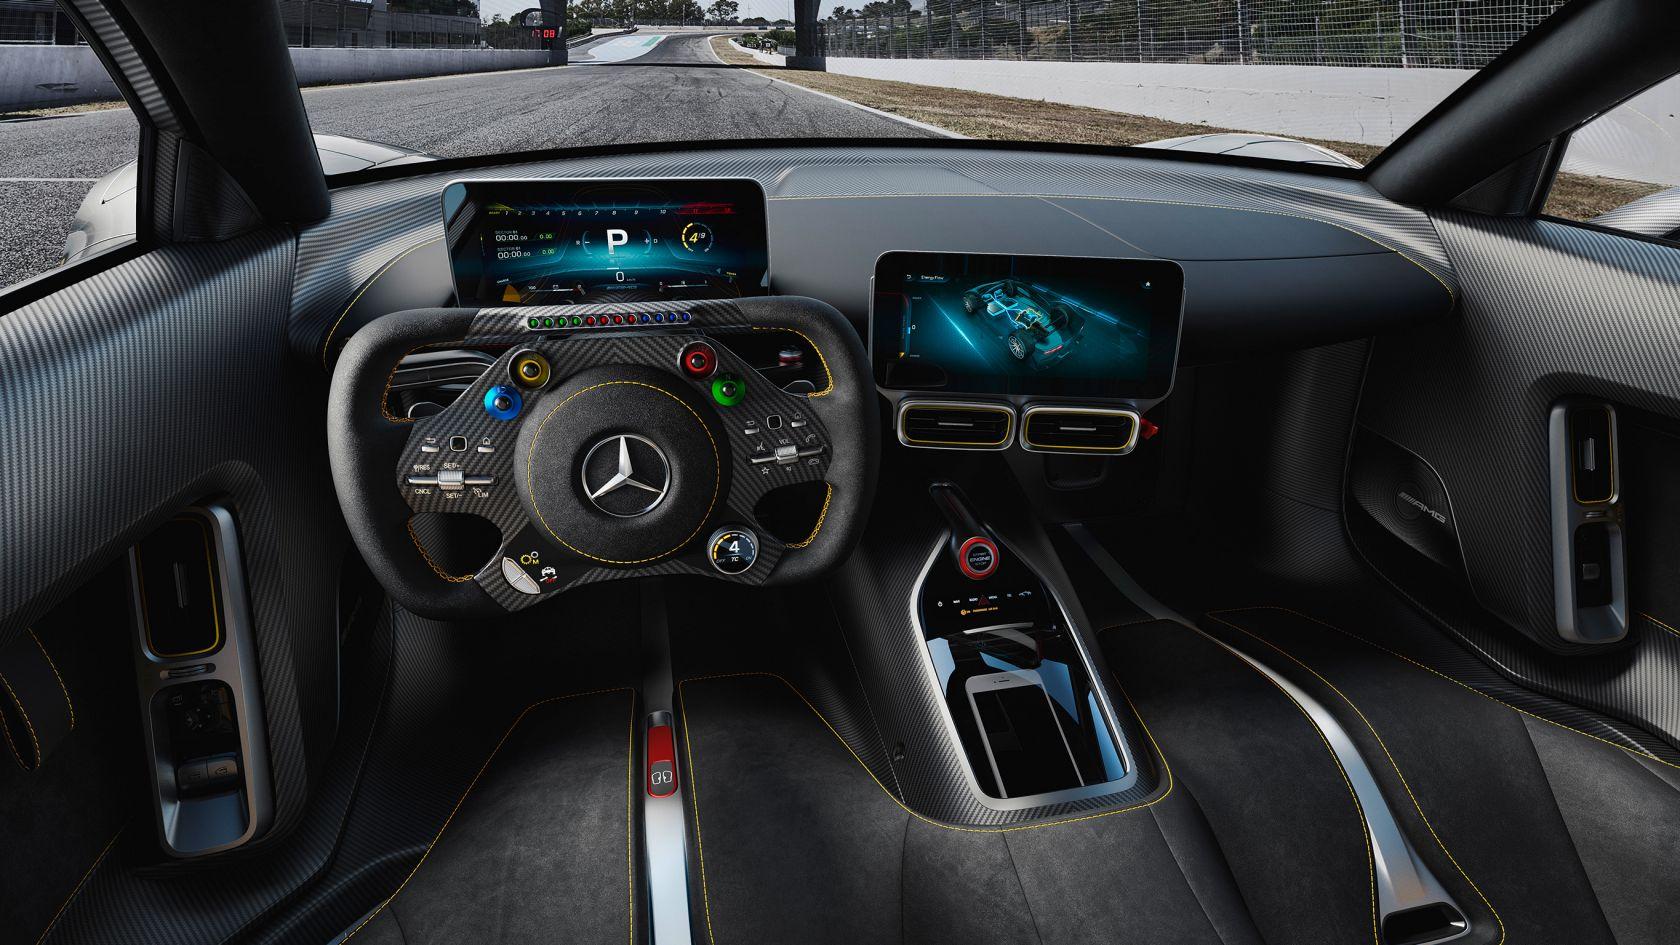 10-mẫu-xe-dùng-động-cơ-V6-đỉnh-nhất-thế-giới (1).jpeg